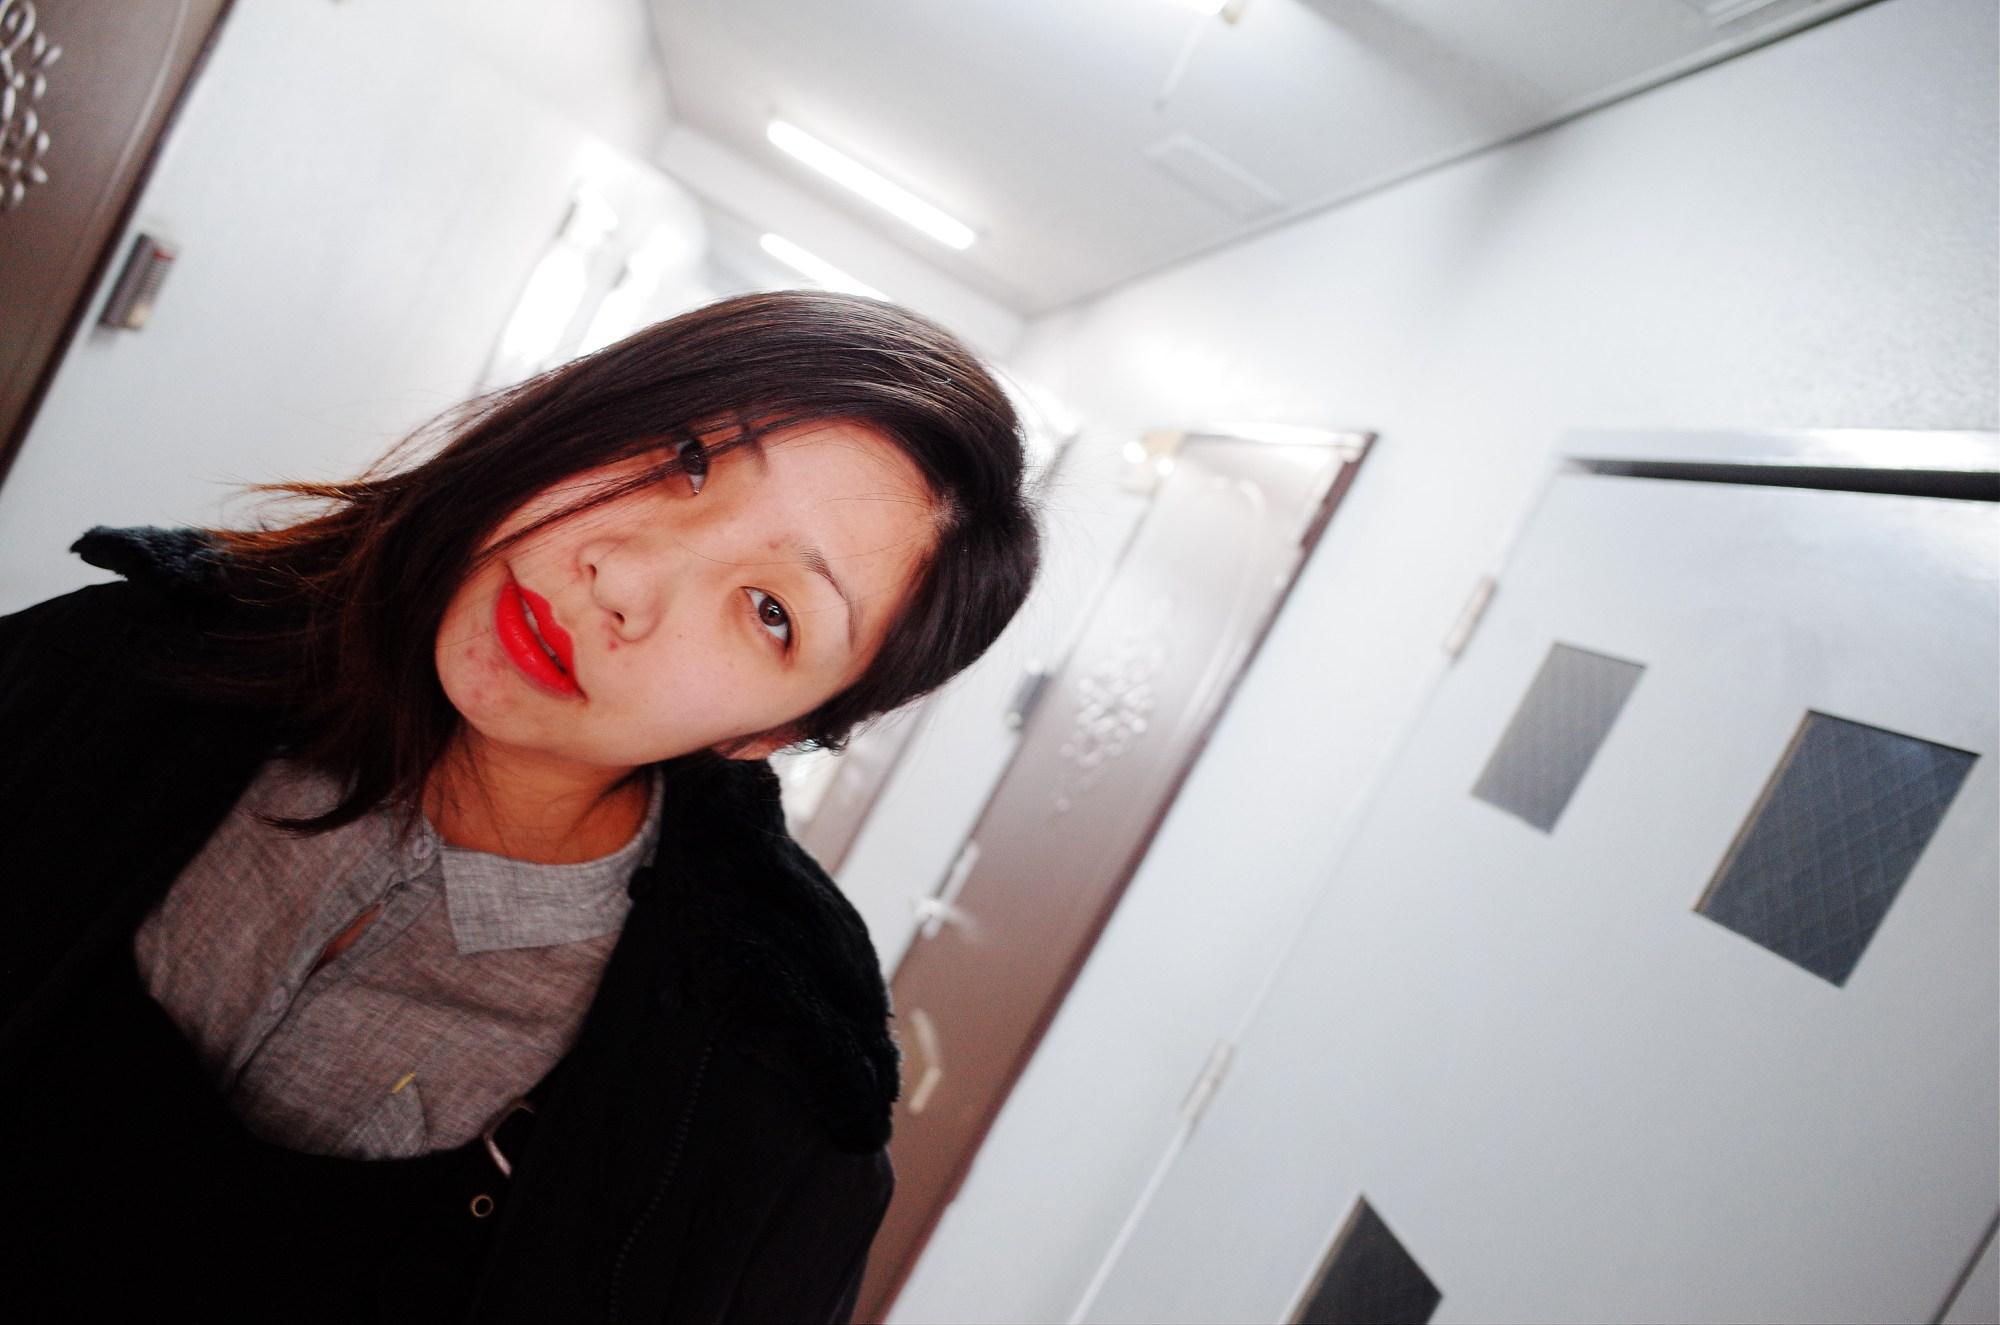 Cindy head tilt. Osaka, 2018